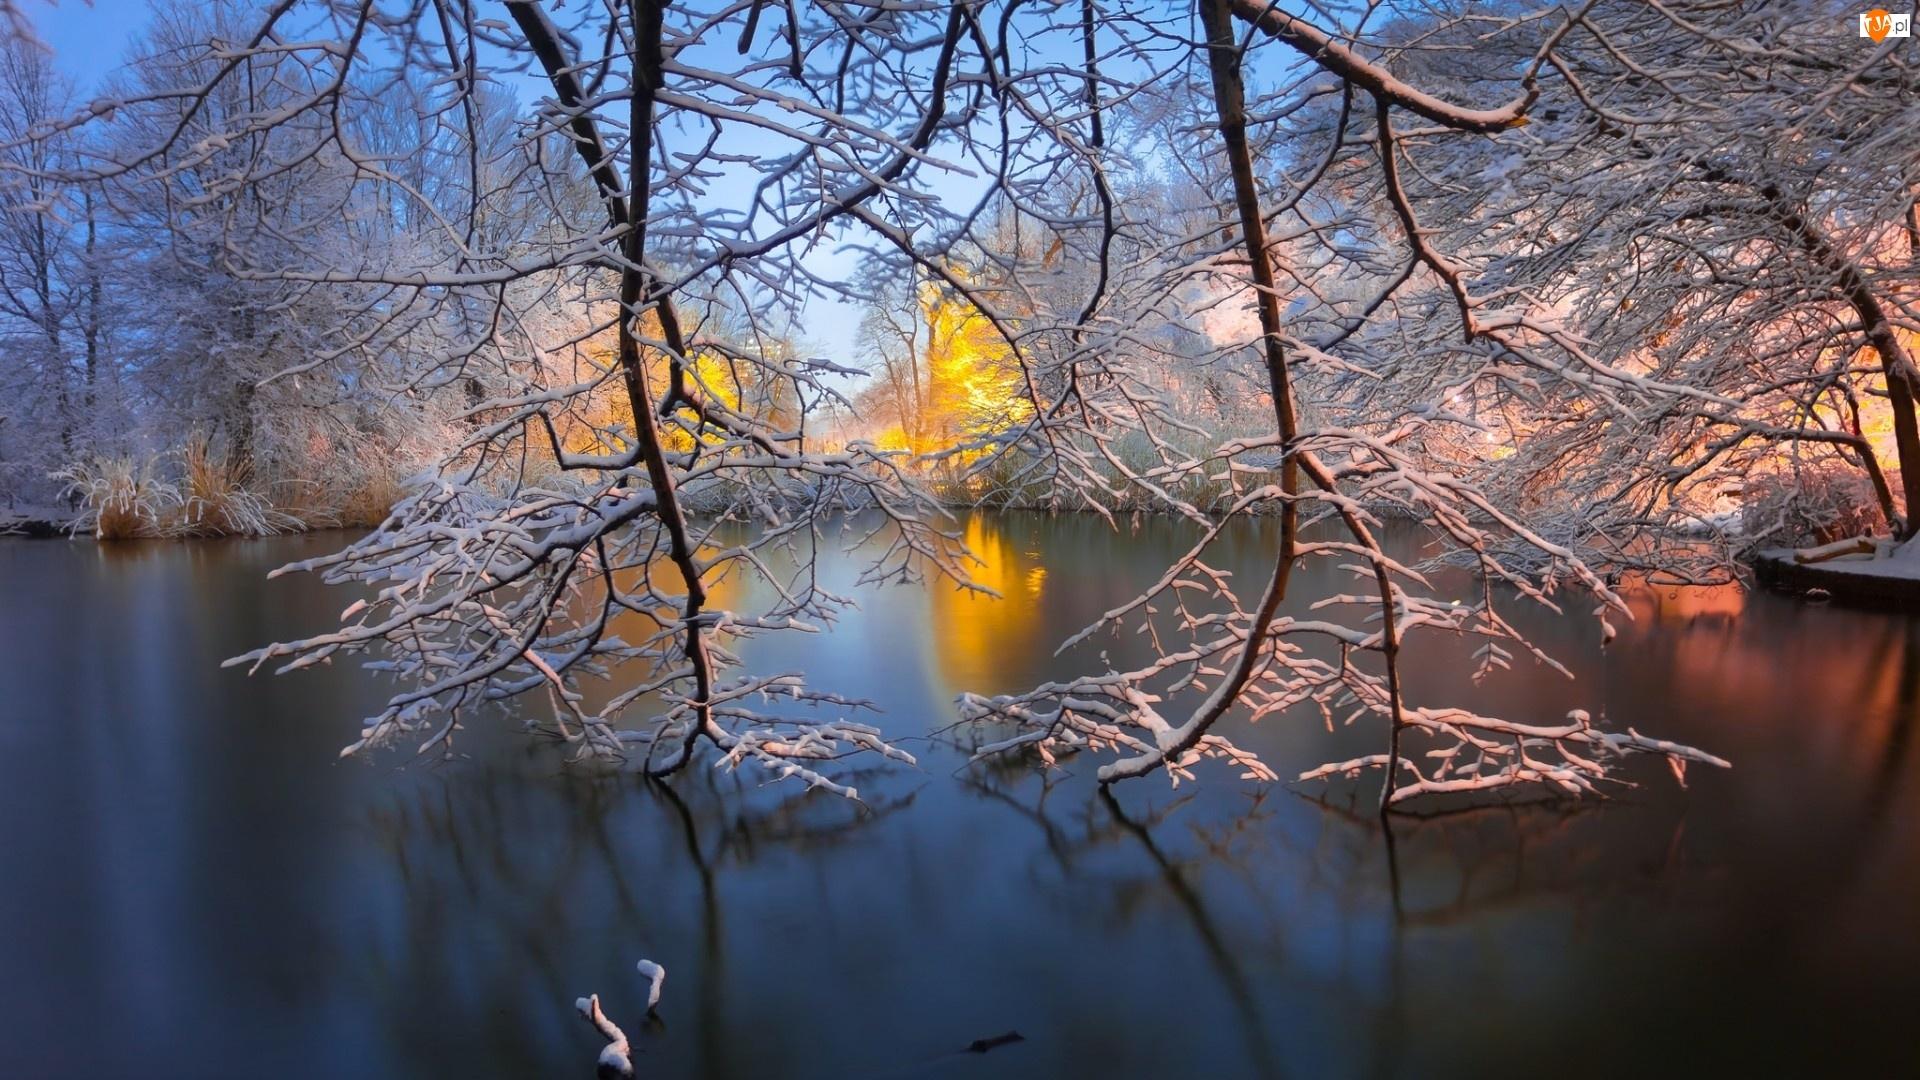 Gałęzie, Park, Zima, Staw, Drzewa